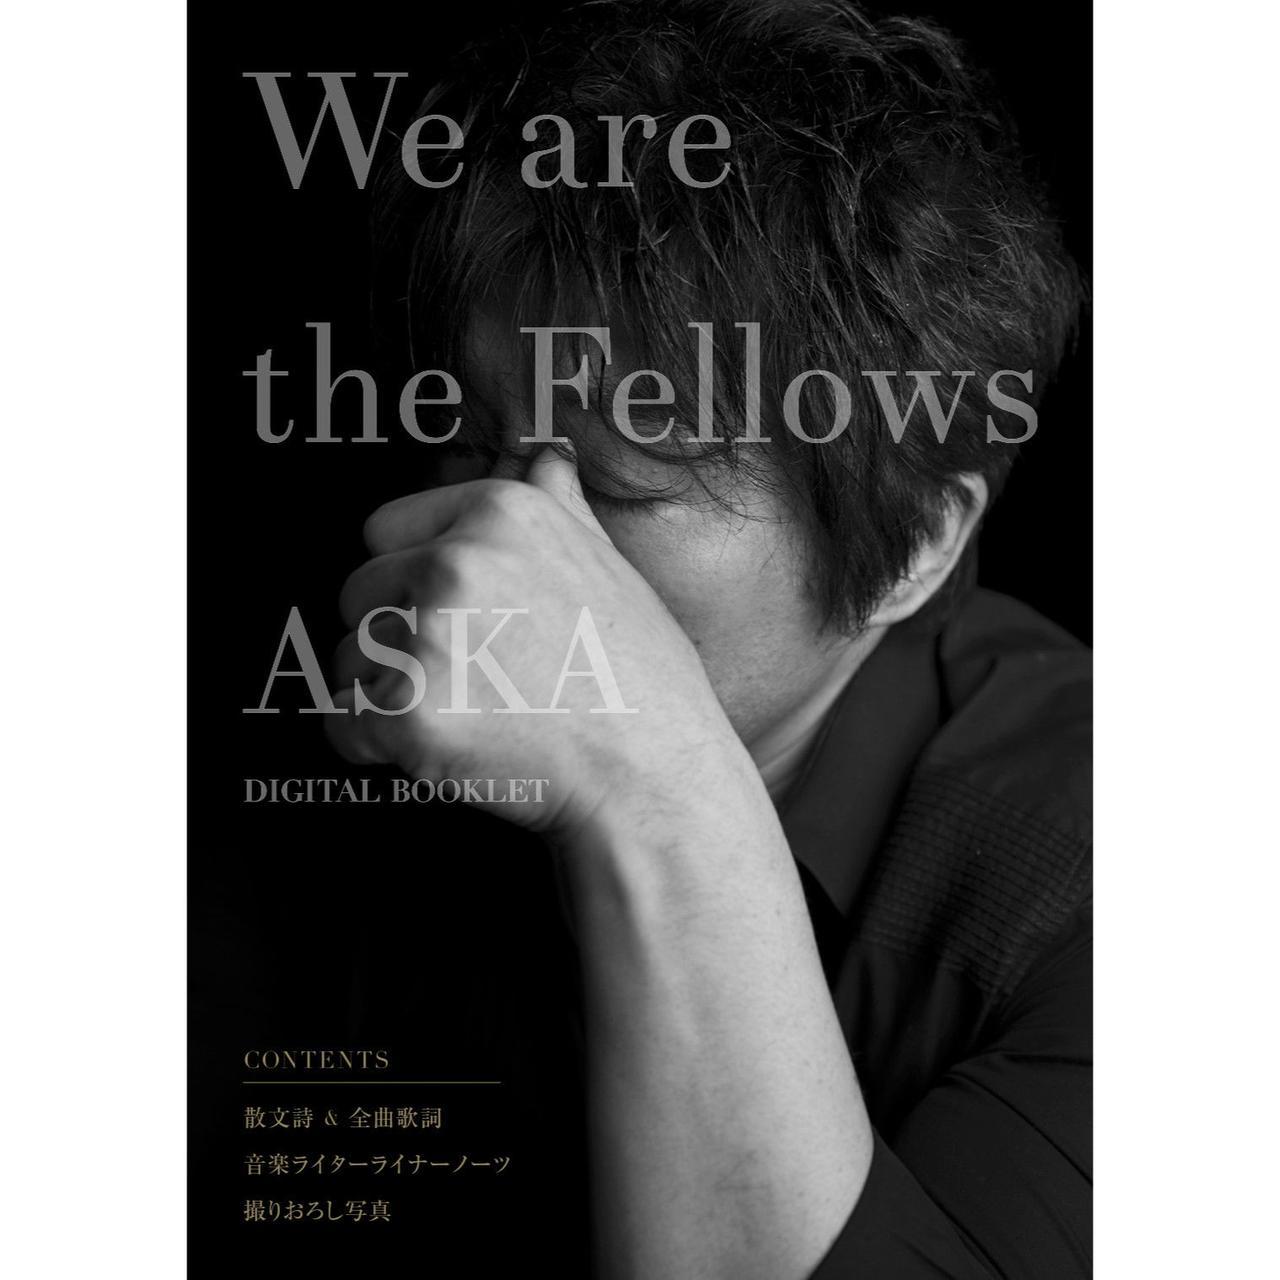 画像: 『We are the Fellows』デジタルブックレット